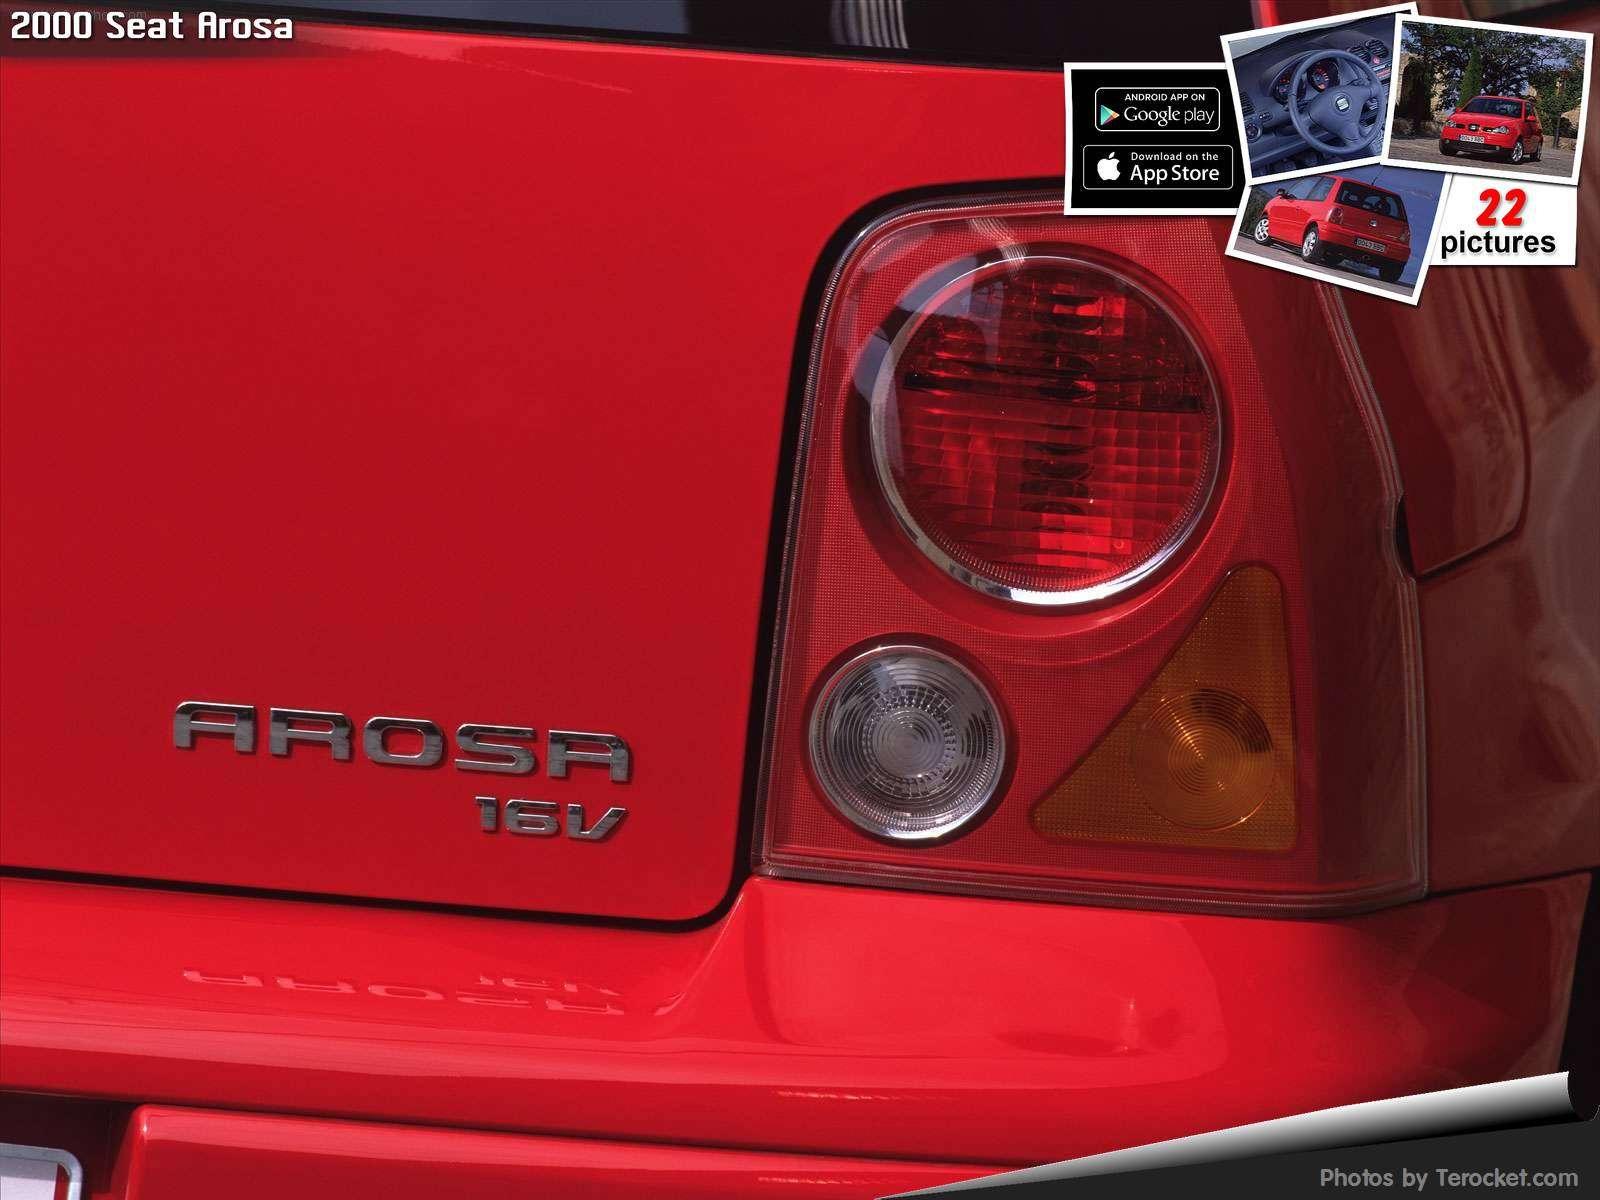 Hình ảnh xe ô tô Seat Arosa 2000 & nội ngoại thất